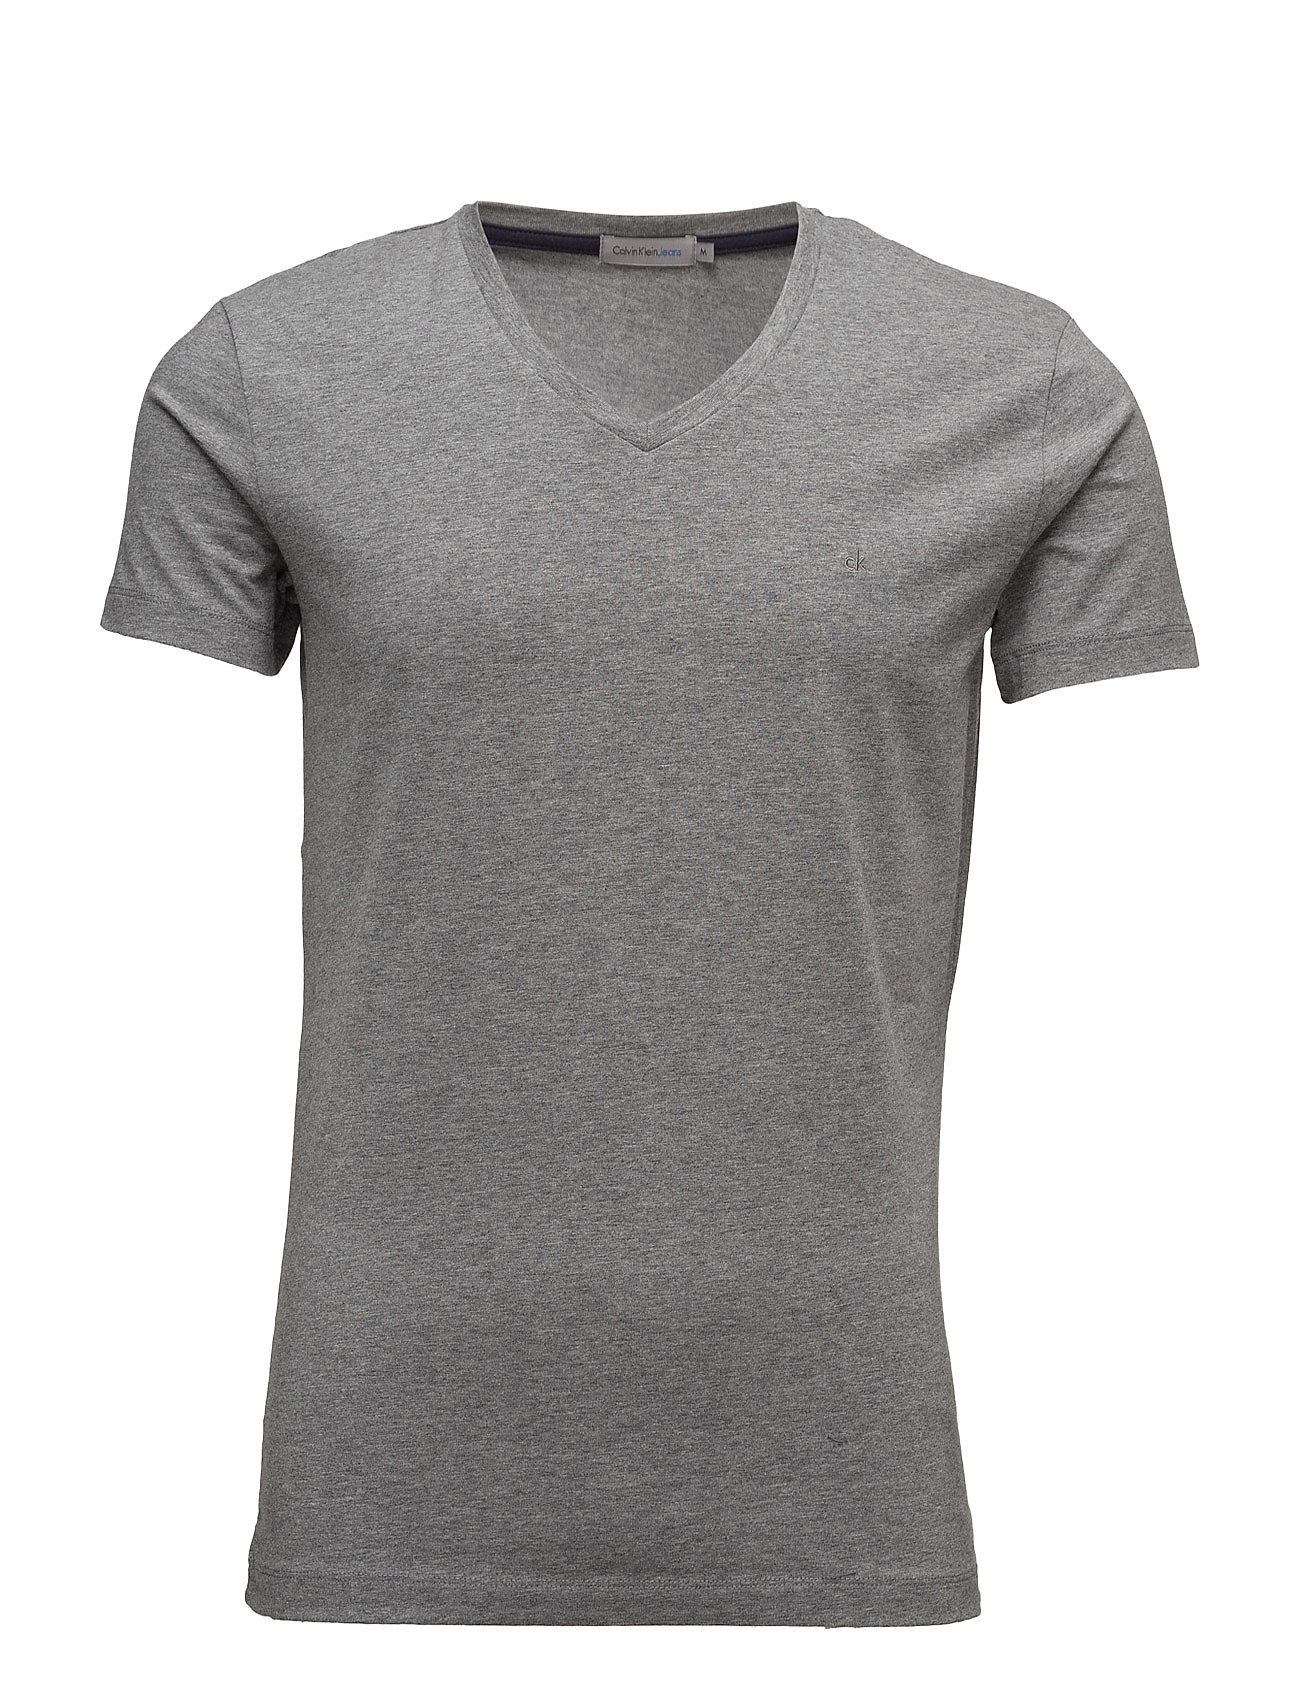 calvin klein jeans – Buck vn tee ss, 099, på boozt.com dk